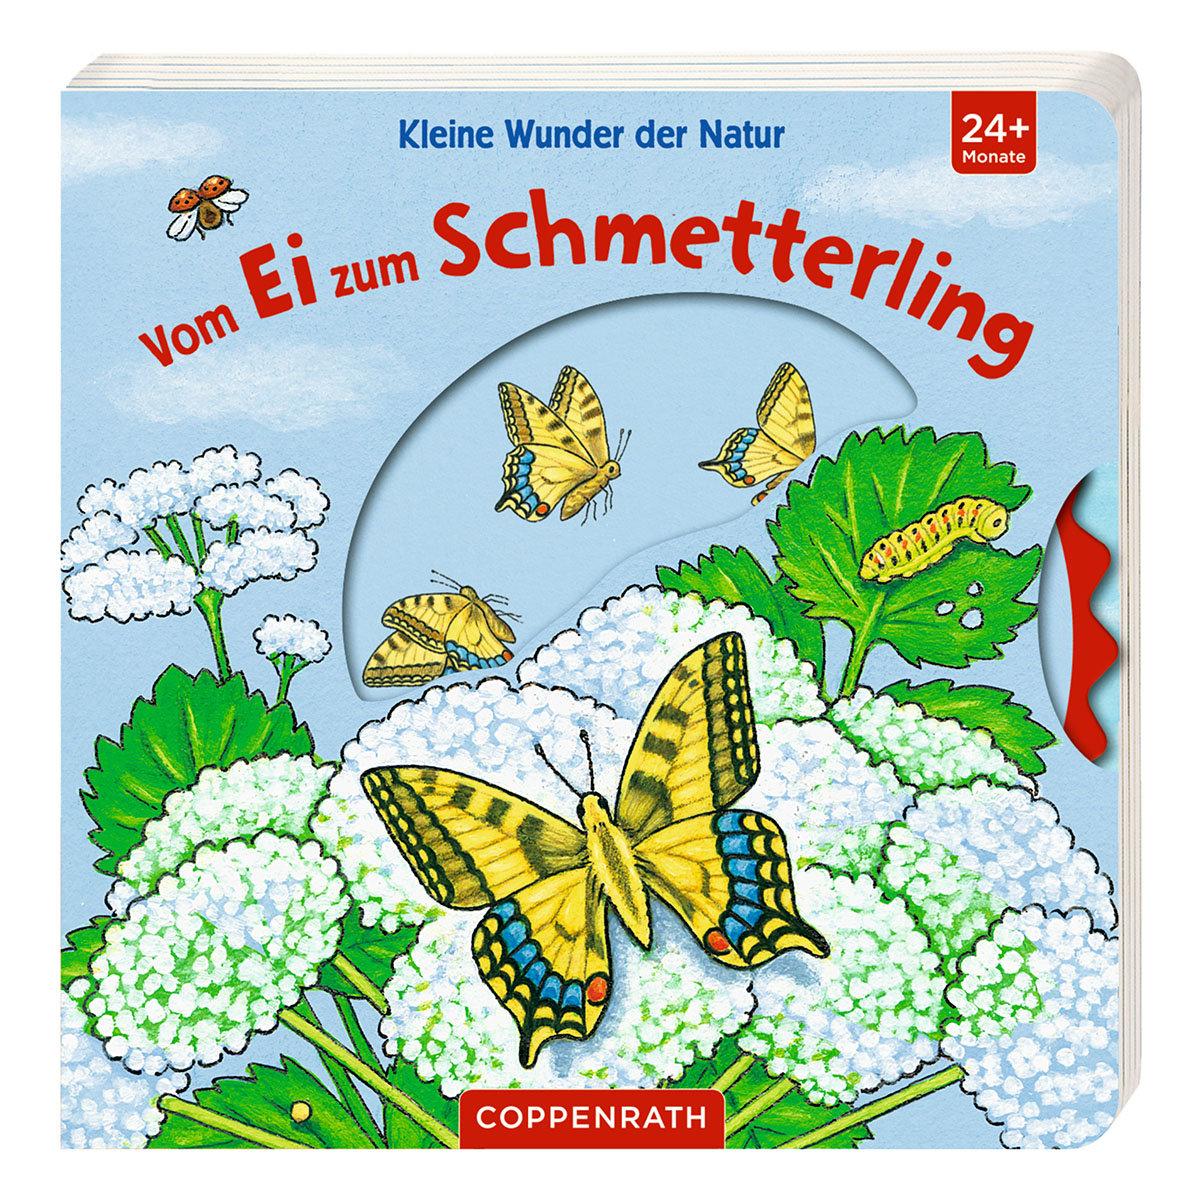 Kleine Wunder der Natur: Vom Ei zum Schmetterling